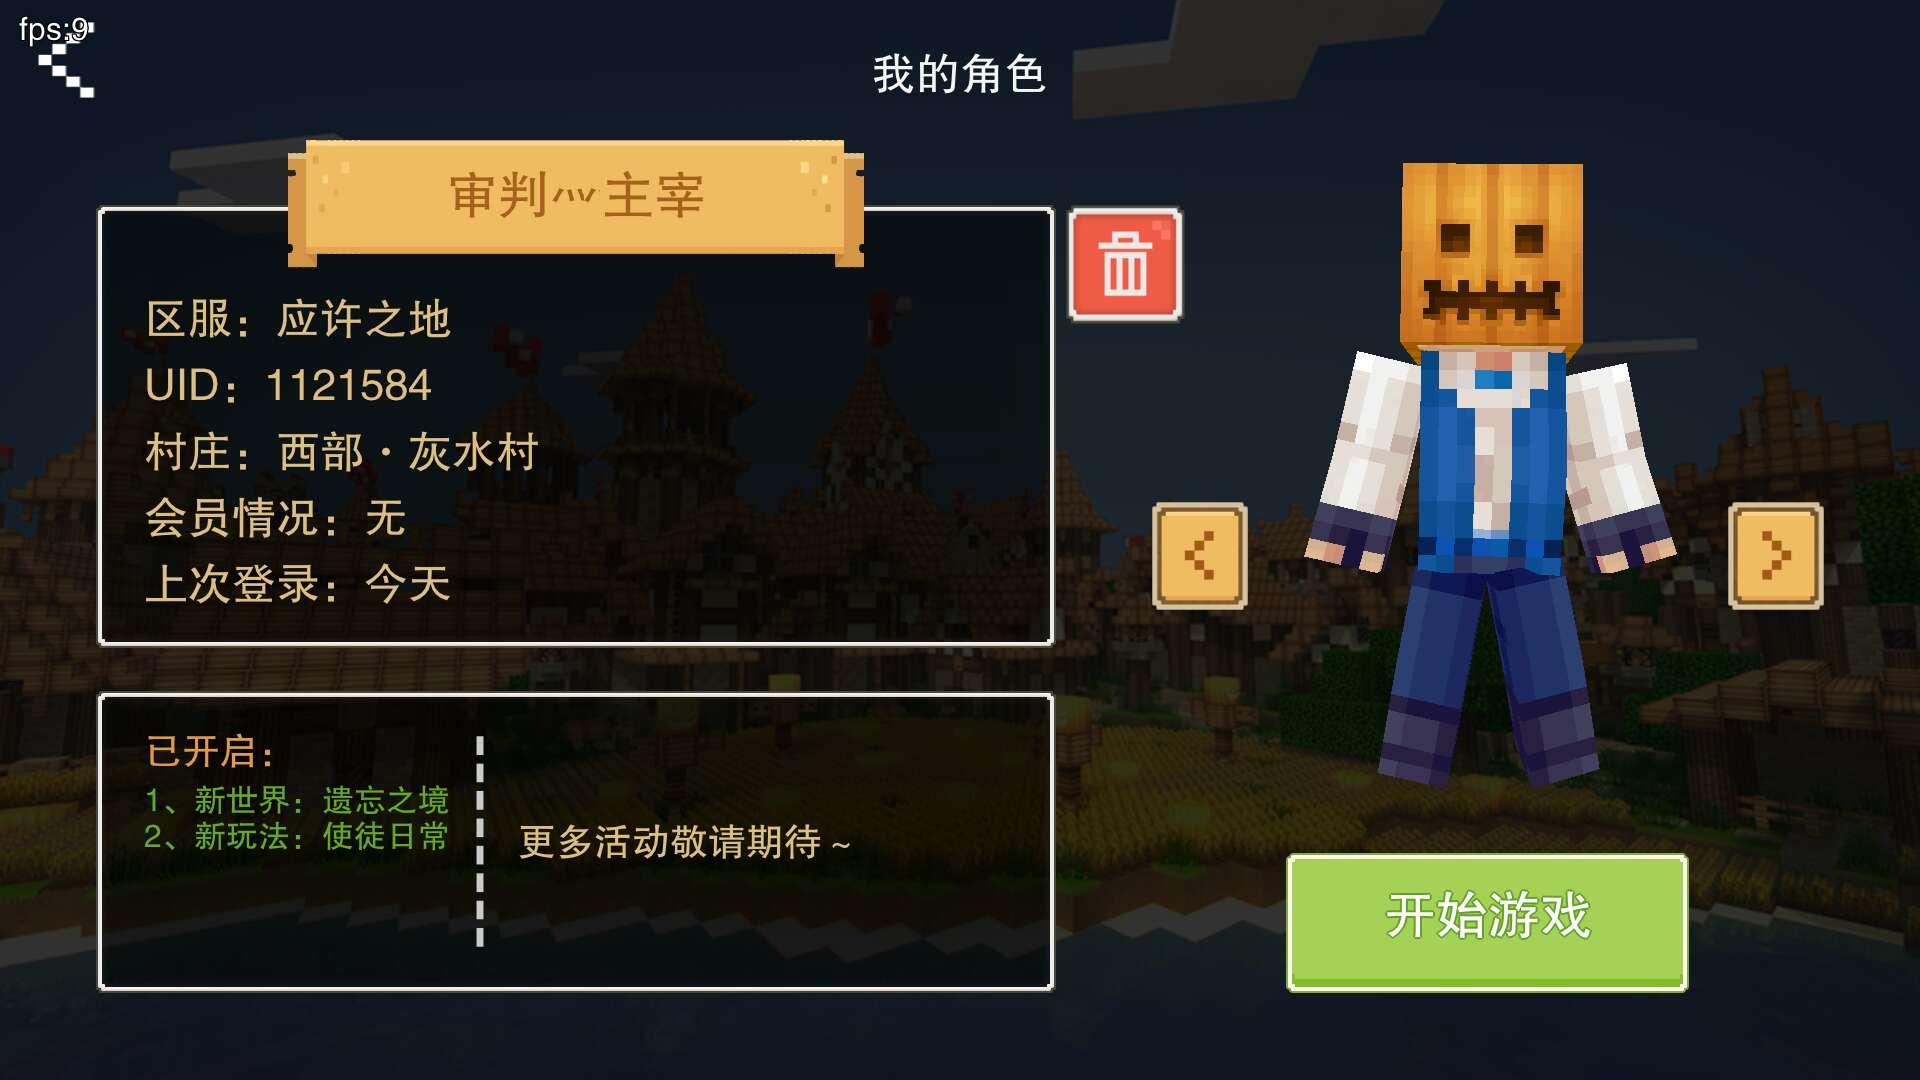 win8游戏下载中心